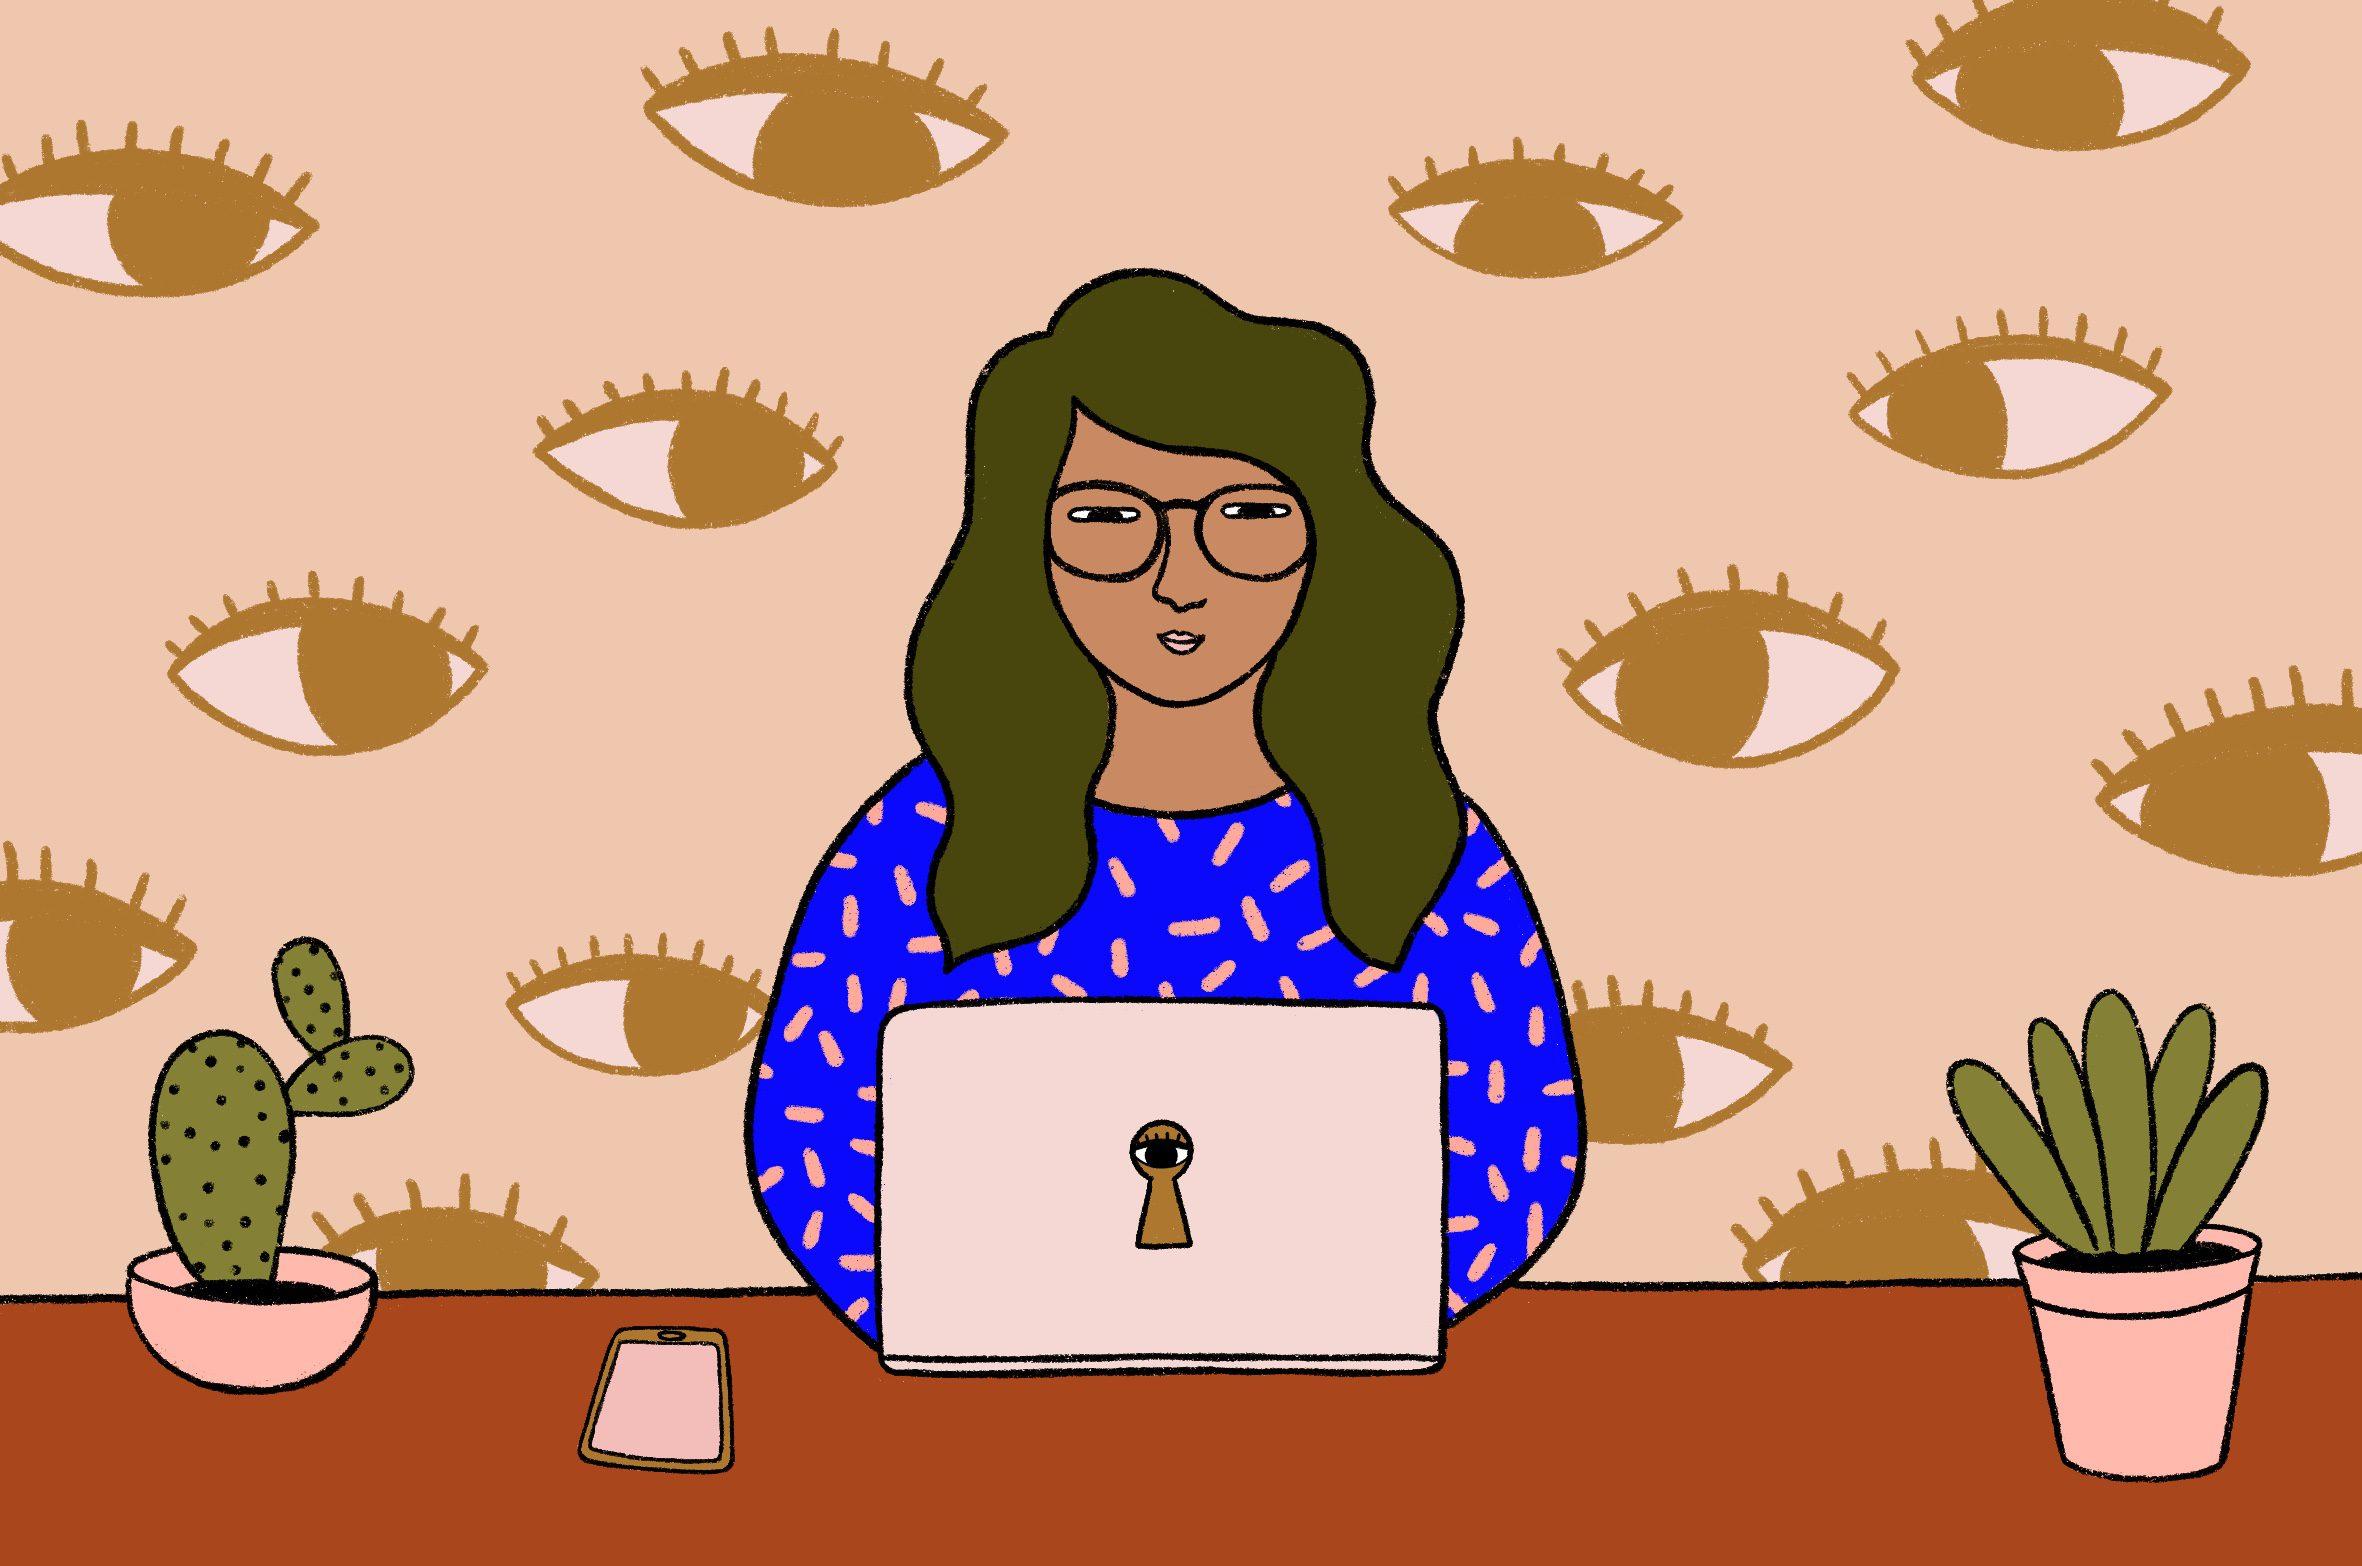 privacidade, vazamento de dados